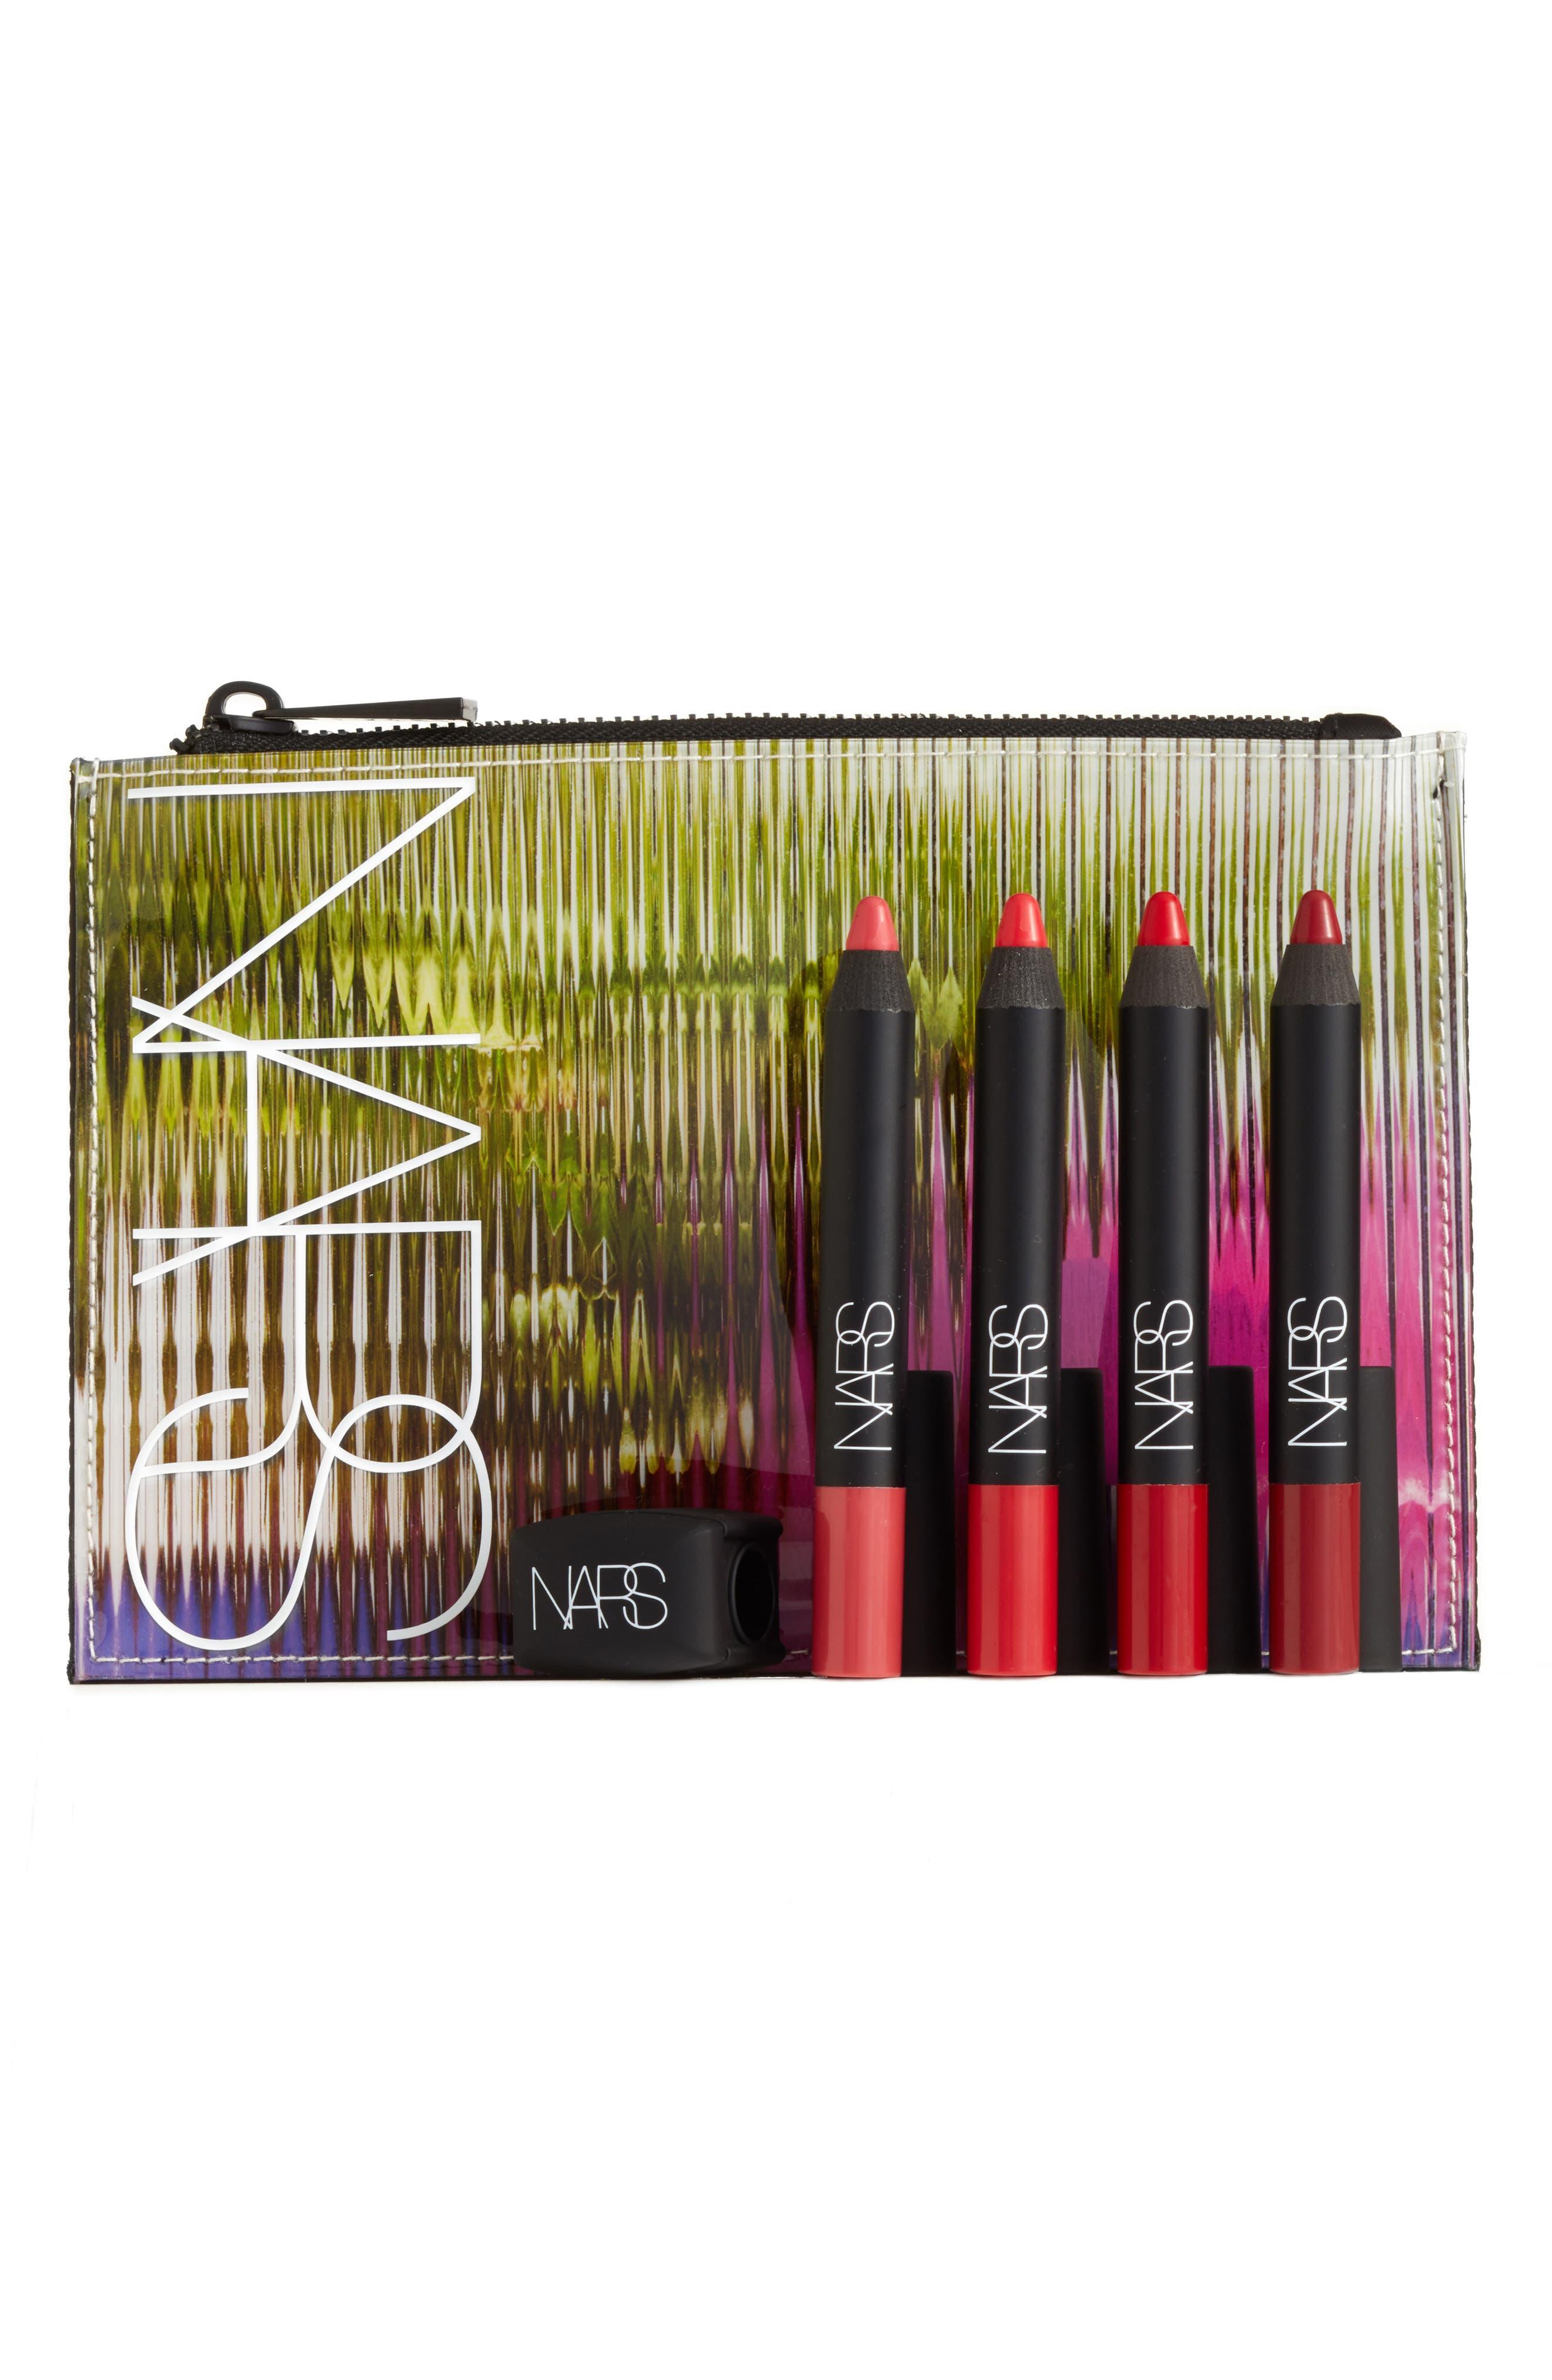 NARS Velvet Matte Lipstick Pencil Set ($110 Value)